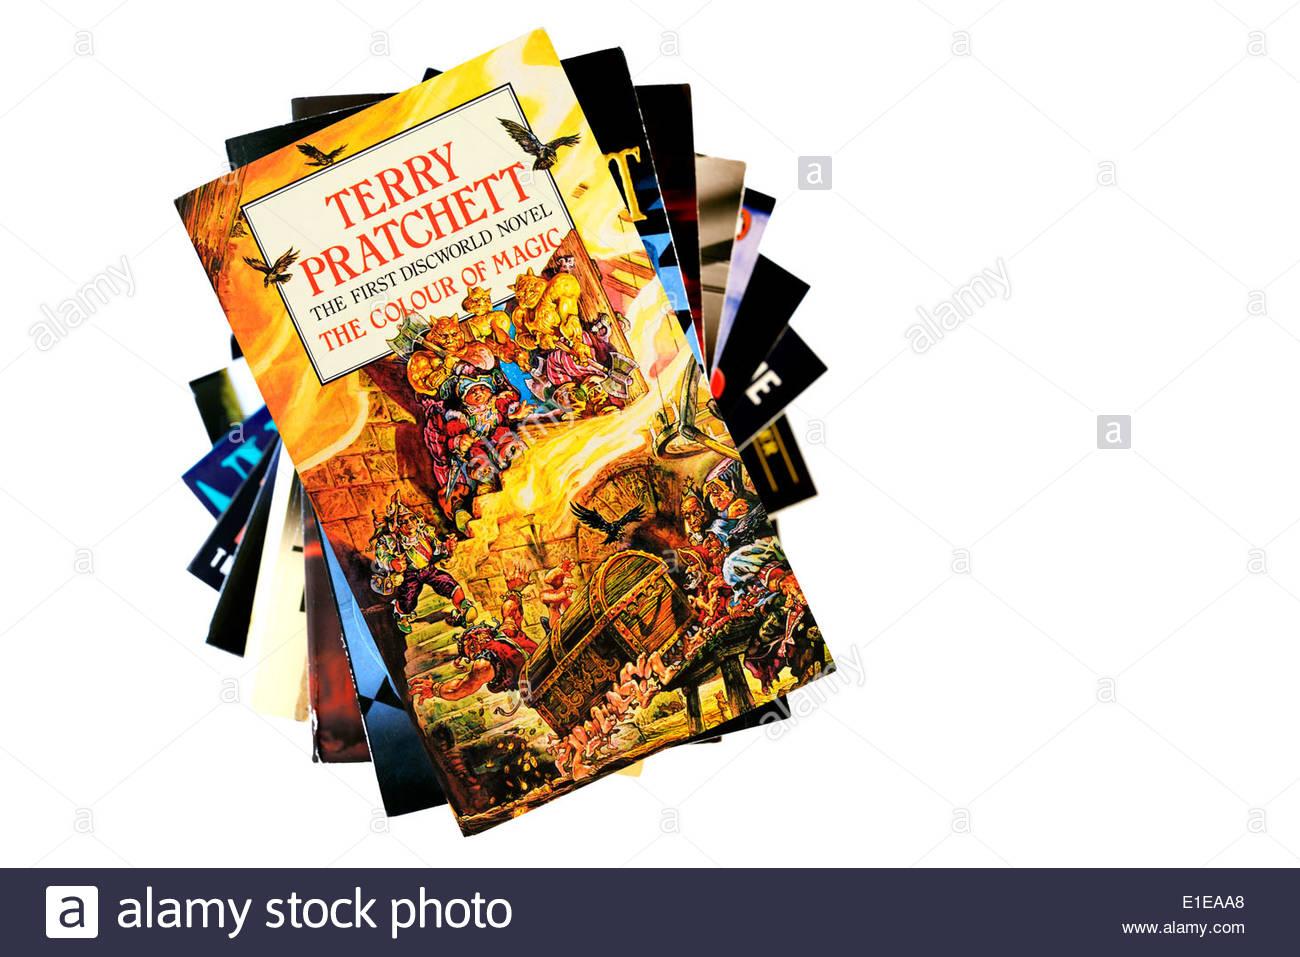 La primera novela de Terry Pratchett Mundodisco el color de la magia, el  libro en